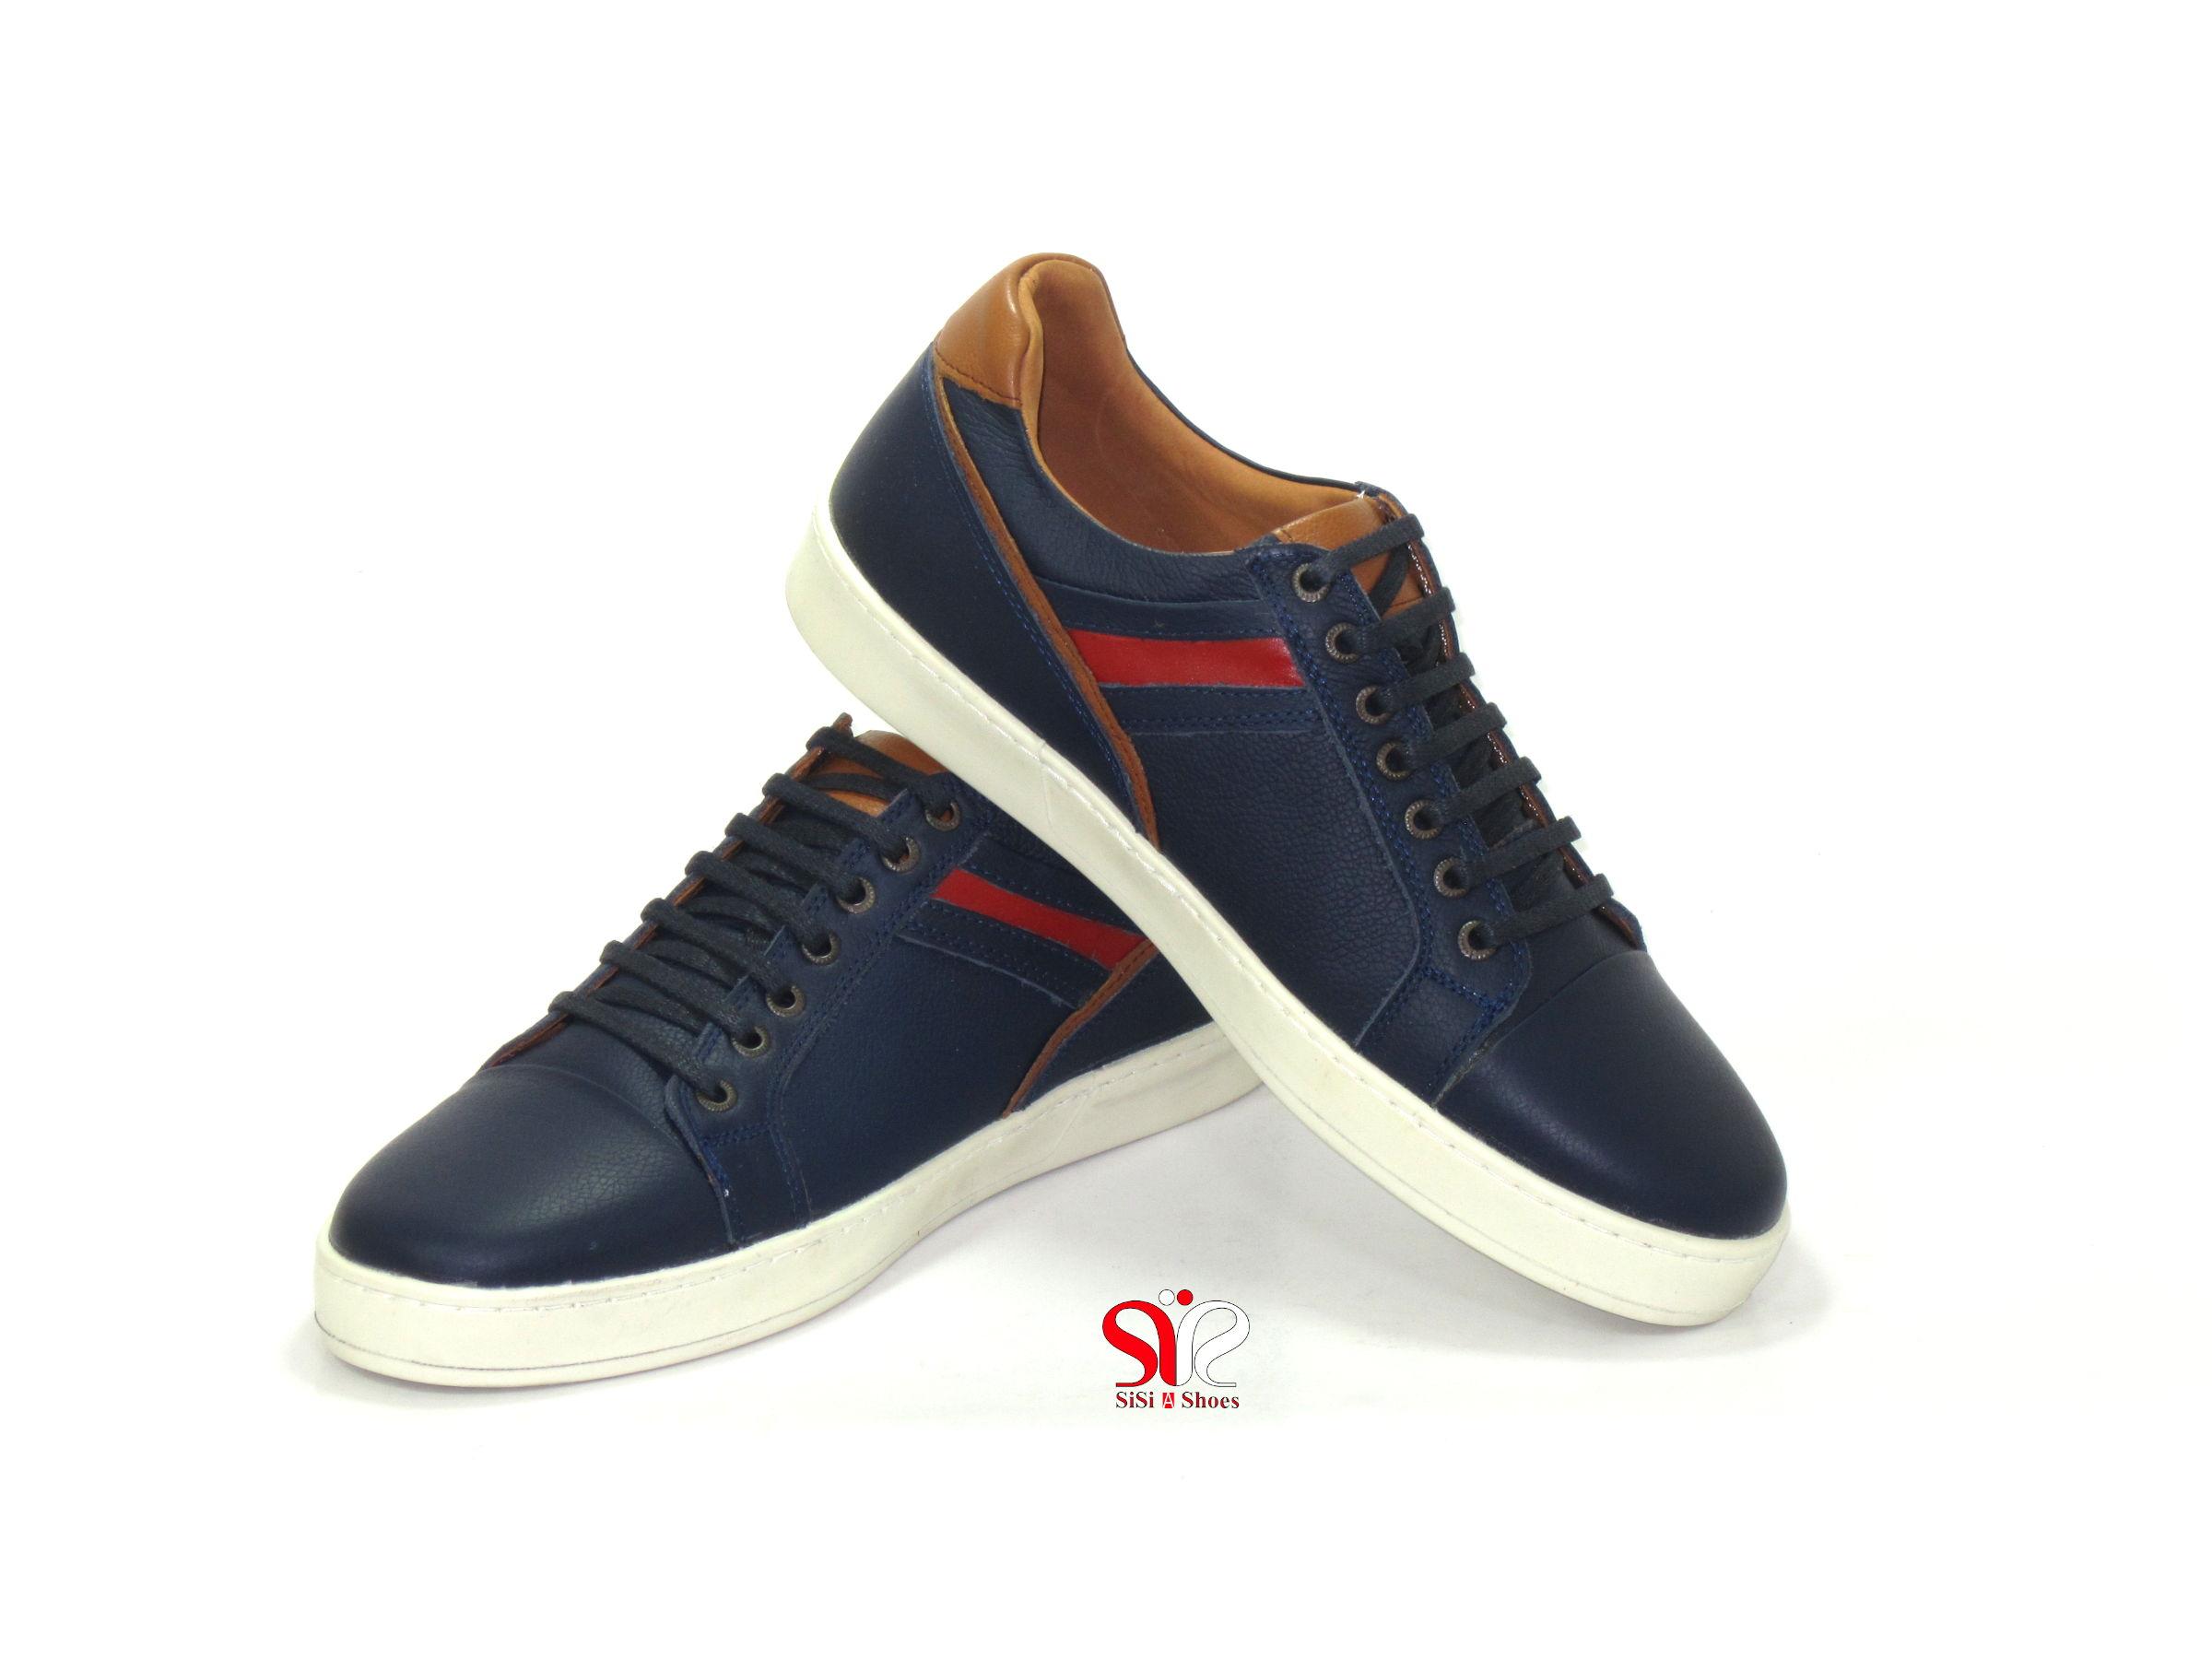 کفش اسپرت مدل کریس با زیره سفید رنگ - اسپرت مردانه و پسرانه کفش تبریز